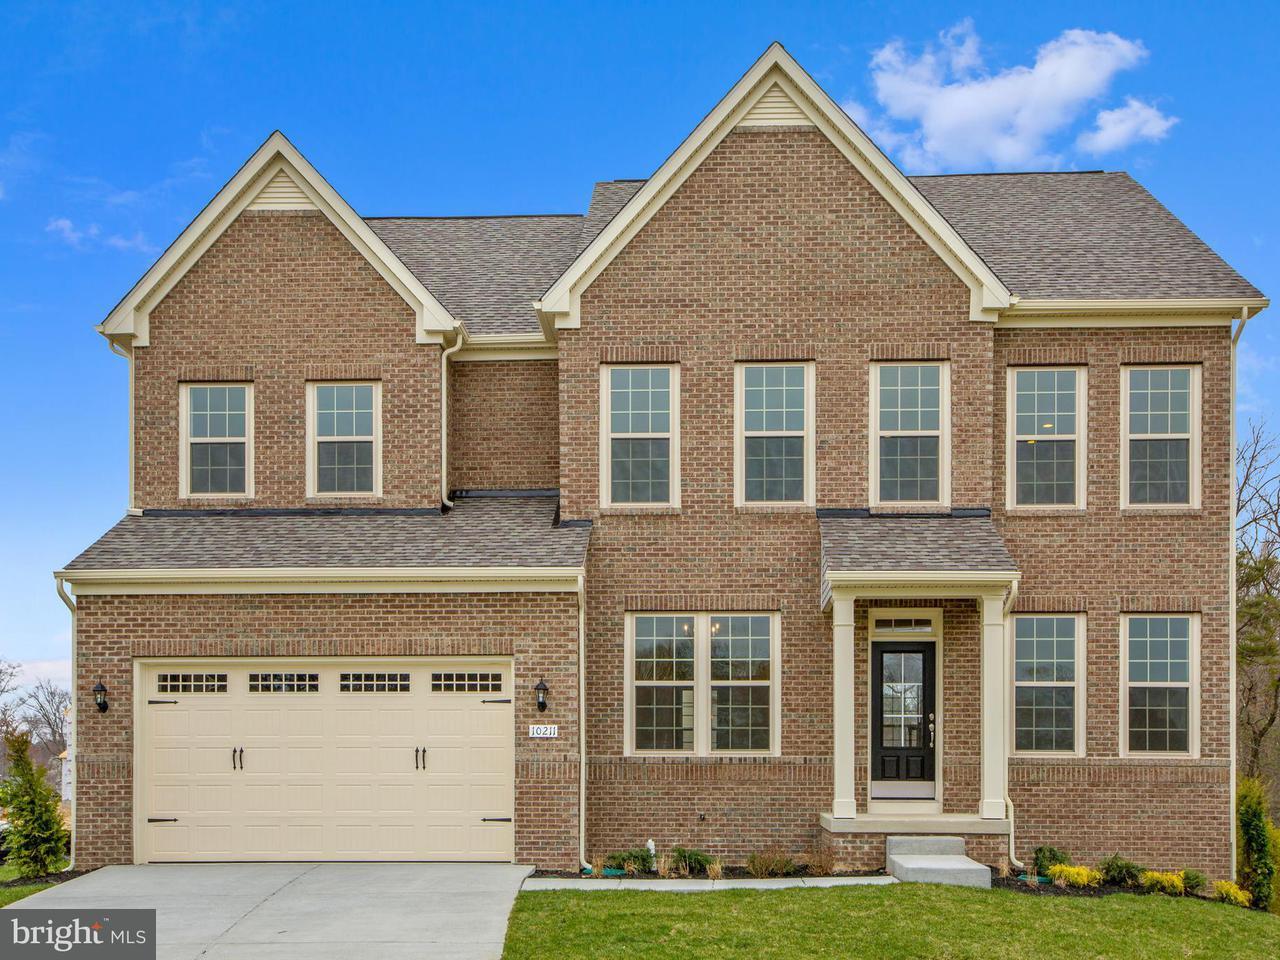 Частный односемейный дом для того Продажа на 10211 Galaxy View Lane 10211 Galaxy View Lane Lanham, Мэриленд 20706 Соединенные Штаты